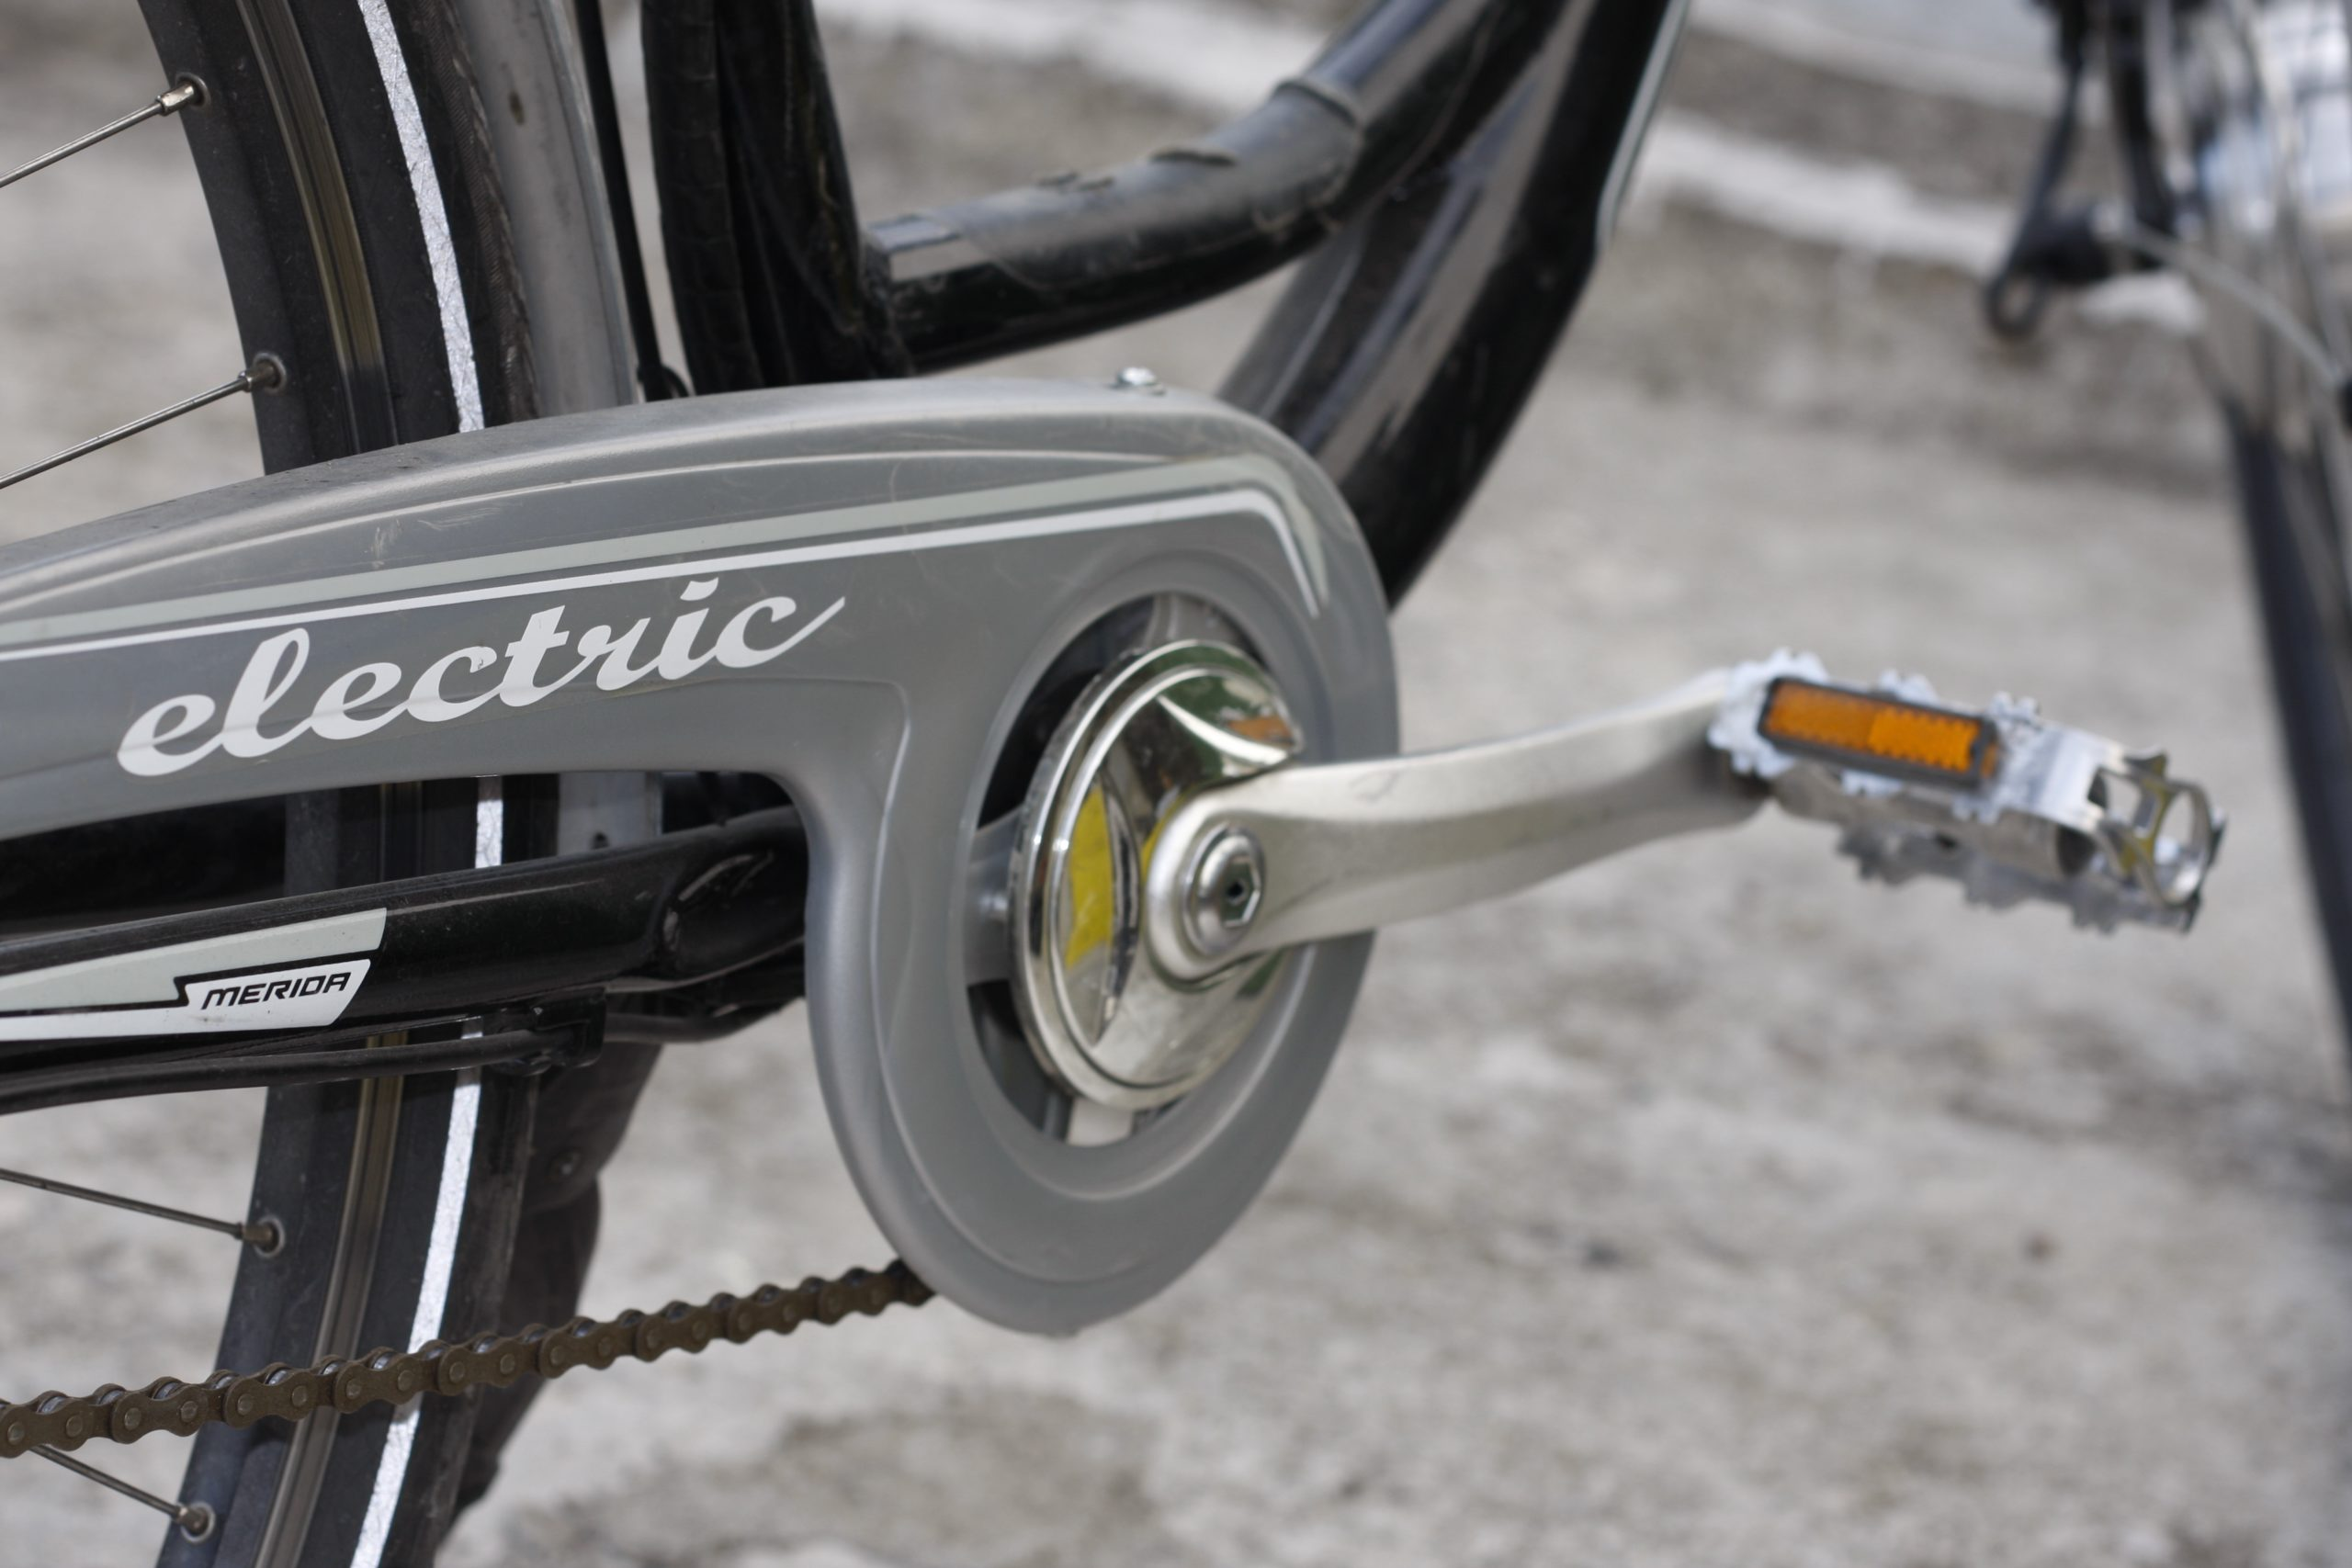 Reutilzación de baterías de bicicletas eléctricas